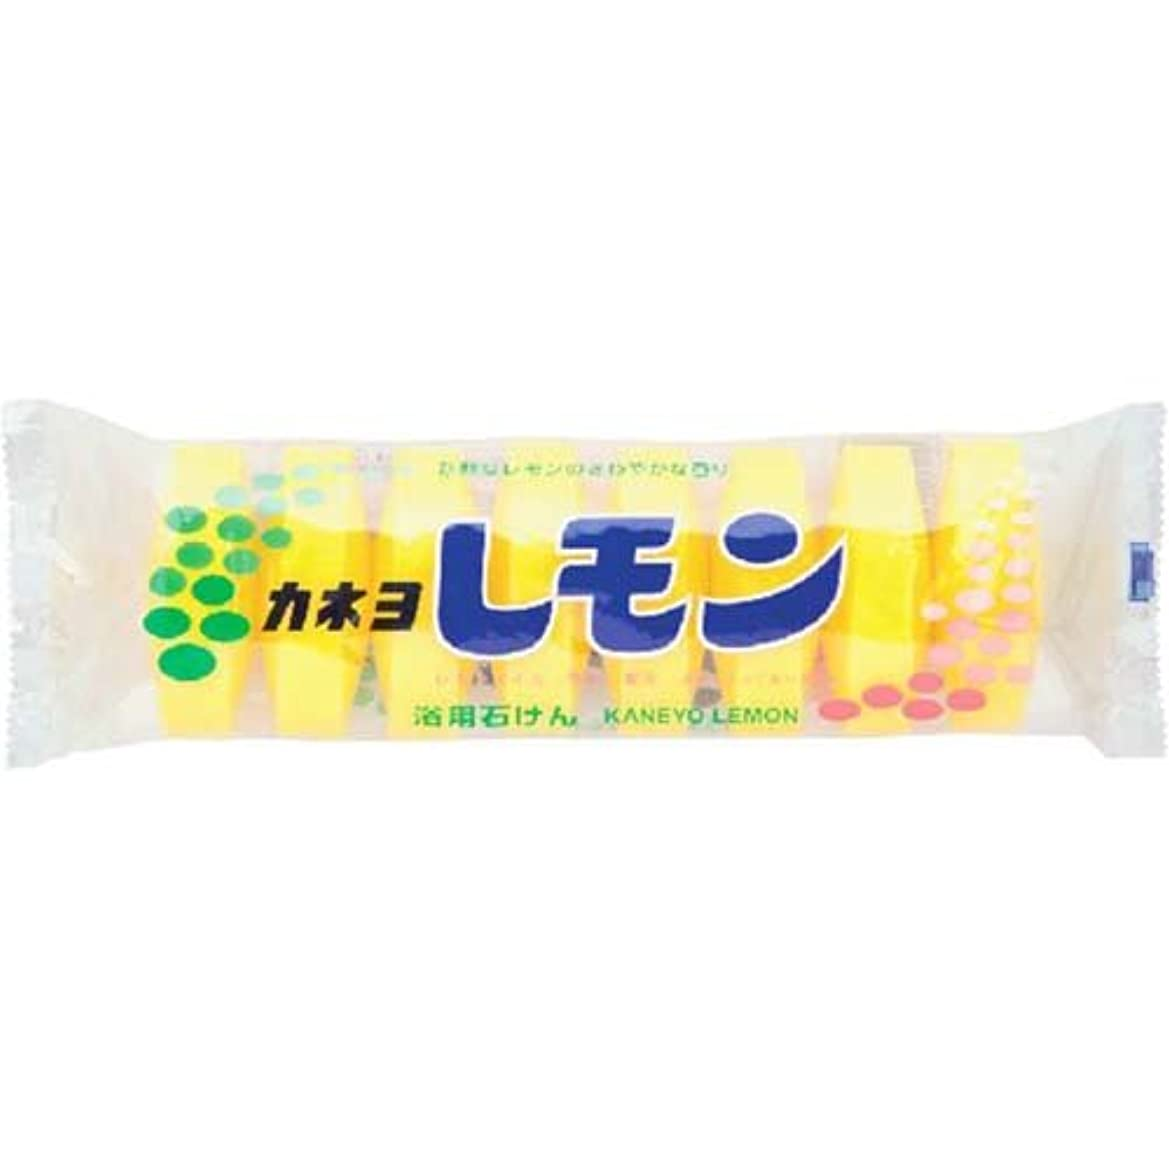 元気な修士号ロールカネヨ レモン石鹸 8個